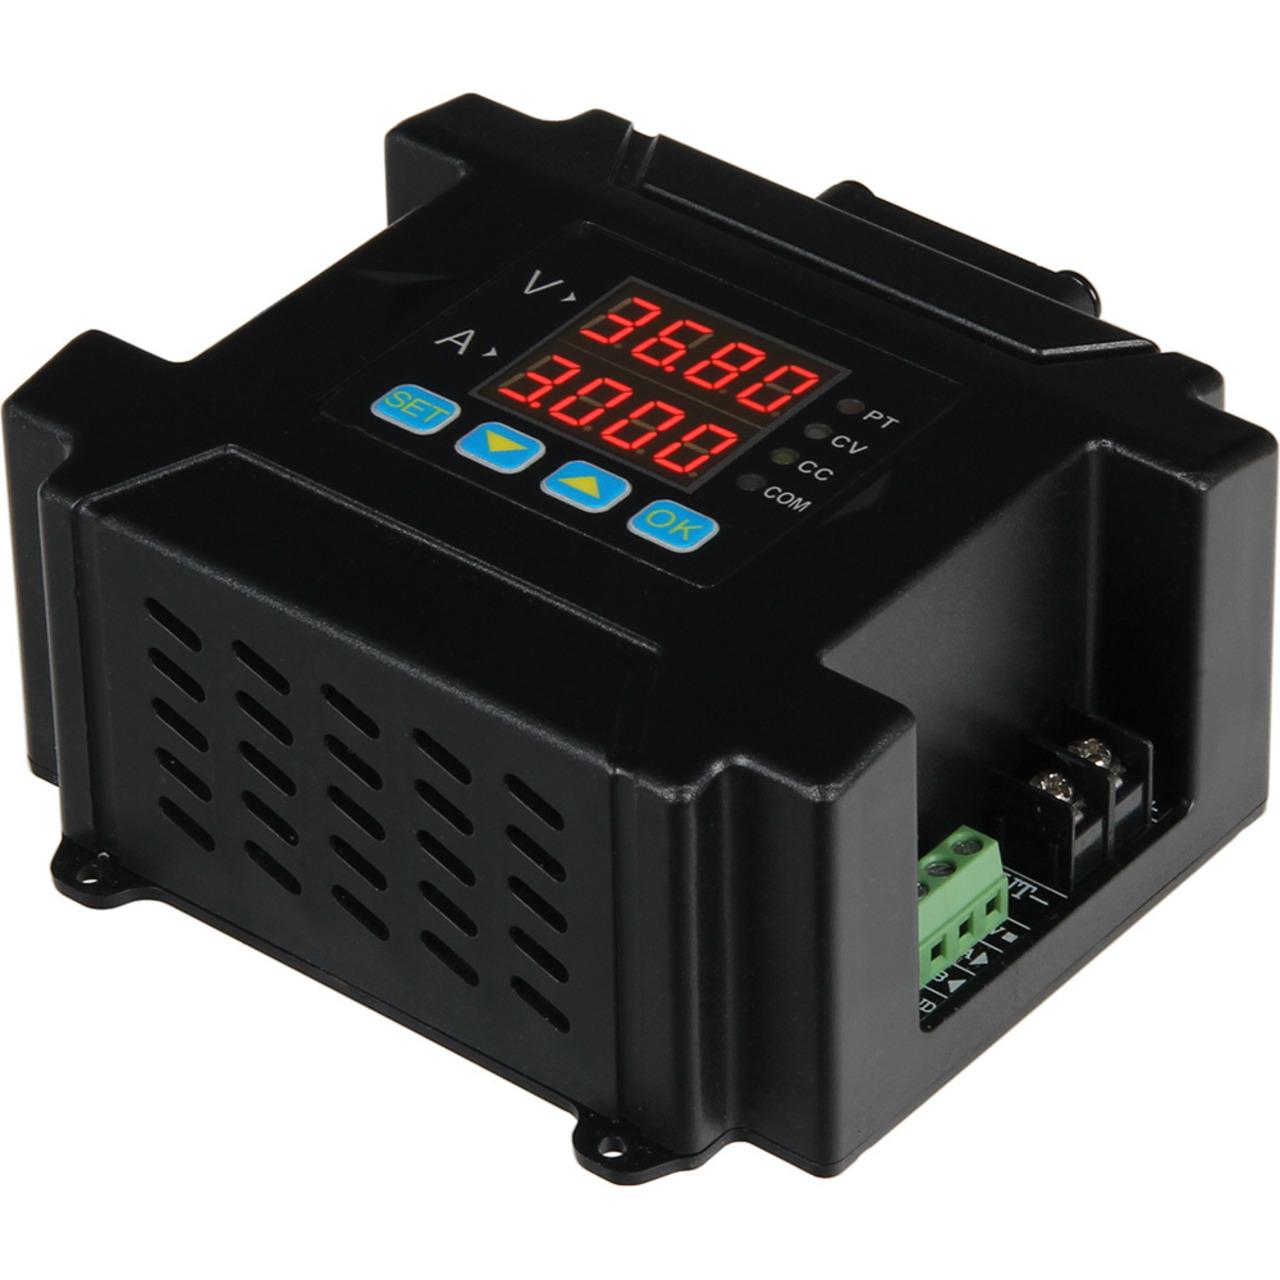 Joy-IT-programmierbares Labornetzgerund-228 t JT-DPM8605- 0-60 V-0-5 A- max- 300 W